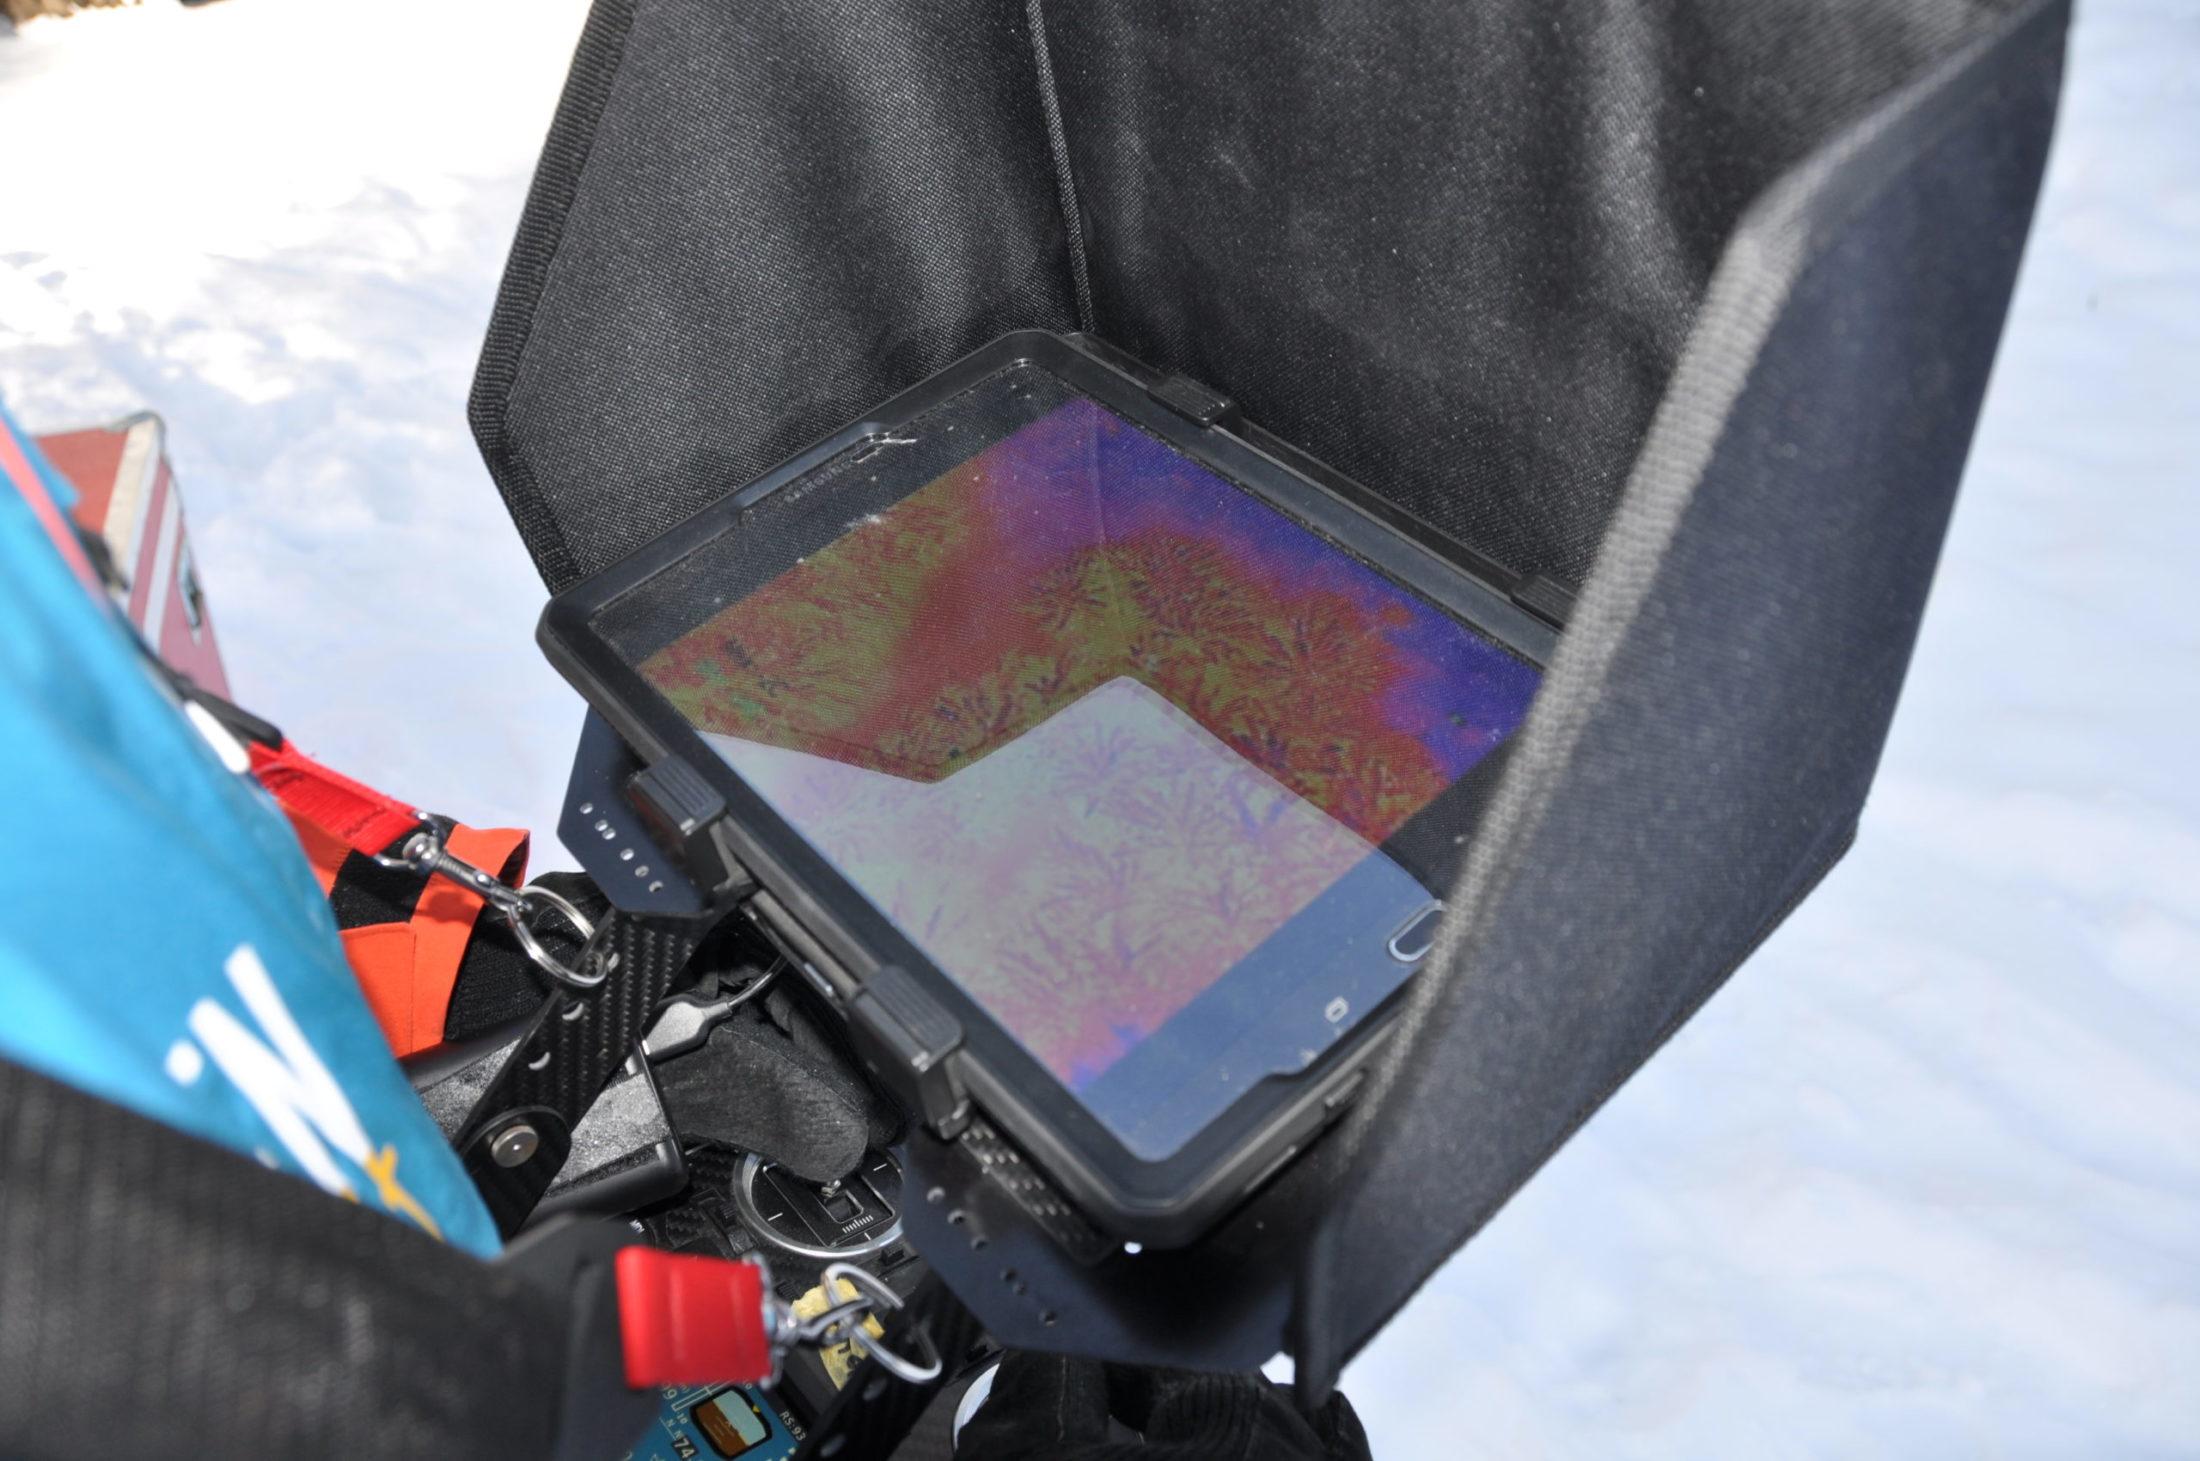 Drohnen Kamerafeed auf der Fernsteuerung